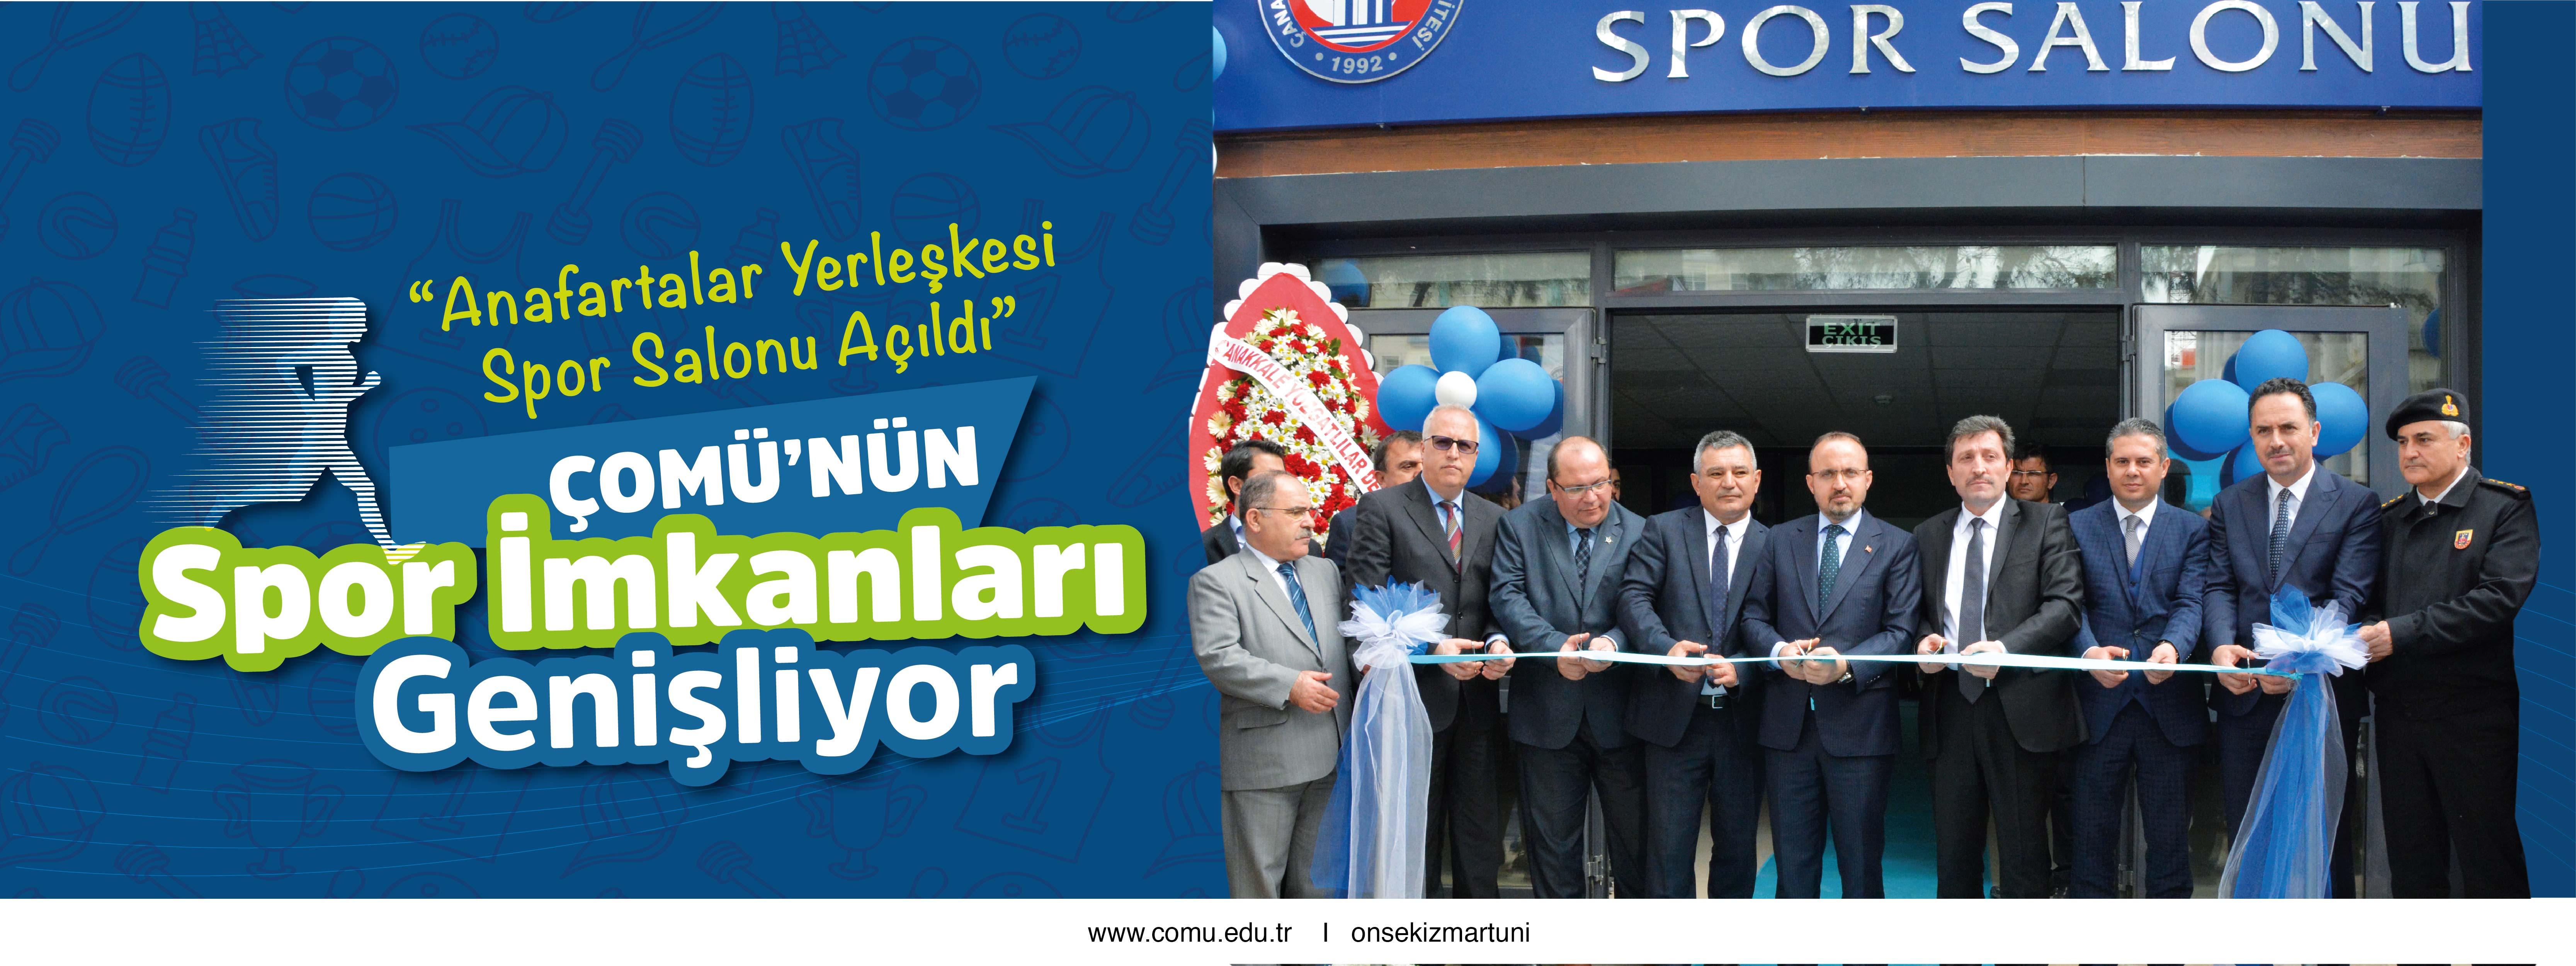 Anafartalar Spor Salonu Açıldı